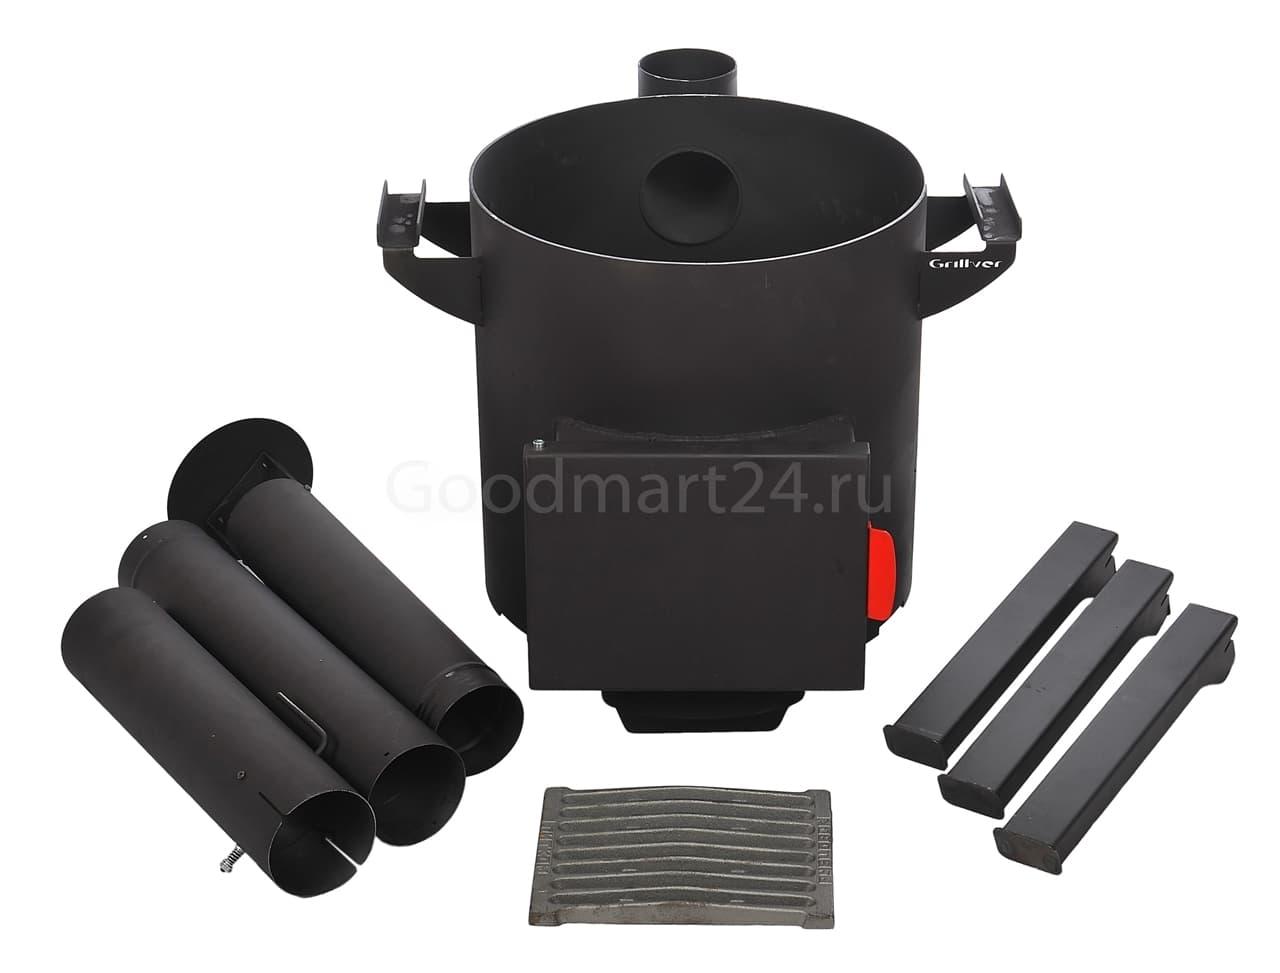 Узбекский чугунный казан 16 литров + печь c трубой, поддувалом Grillver 3 мм. - фото 7187